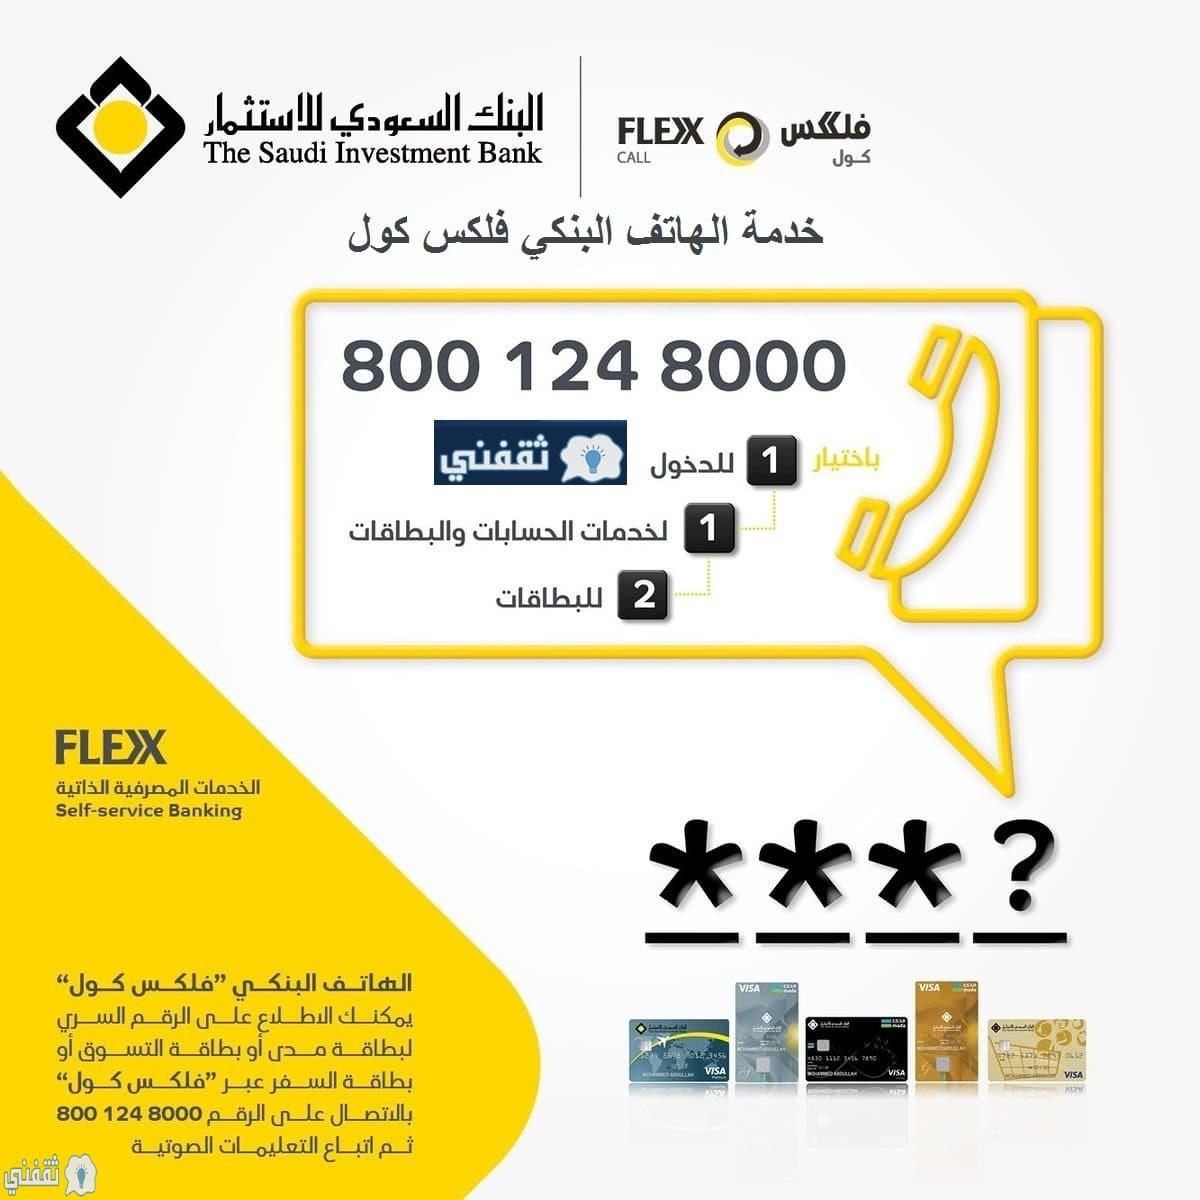 البنك السعودي للاستثمار فلكس